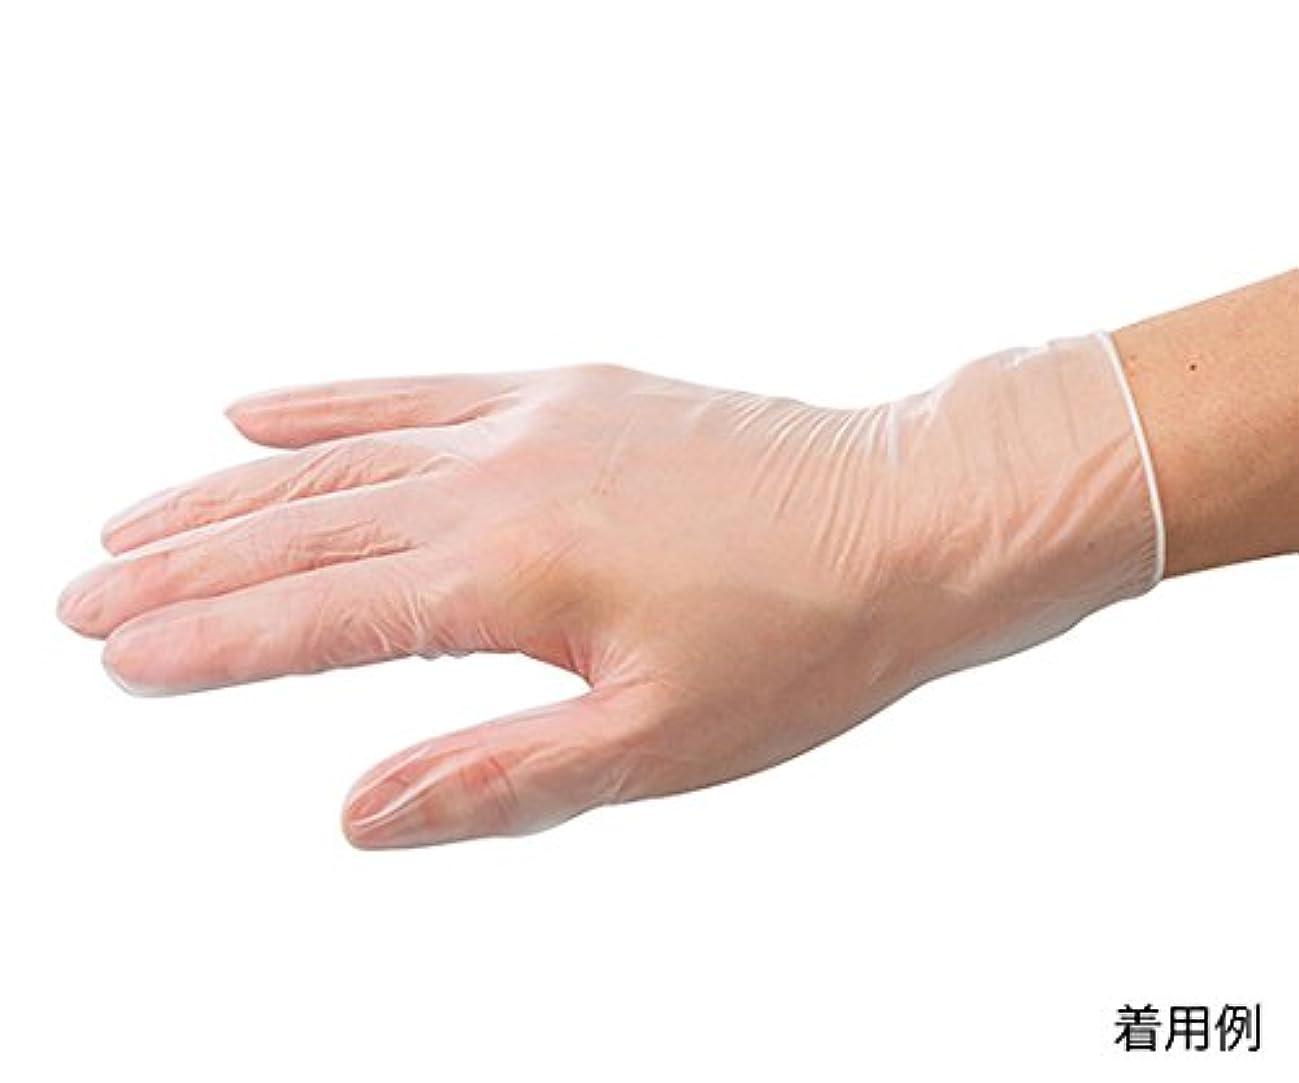 法医学危険にさらされている自由ARメディコム?インク?アジアリミテッド7-3726-02バイタルプラスチック手袋(パウダーフリー)M150枚入